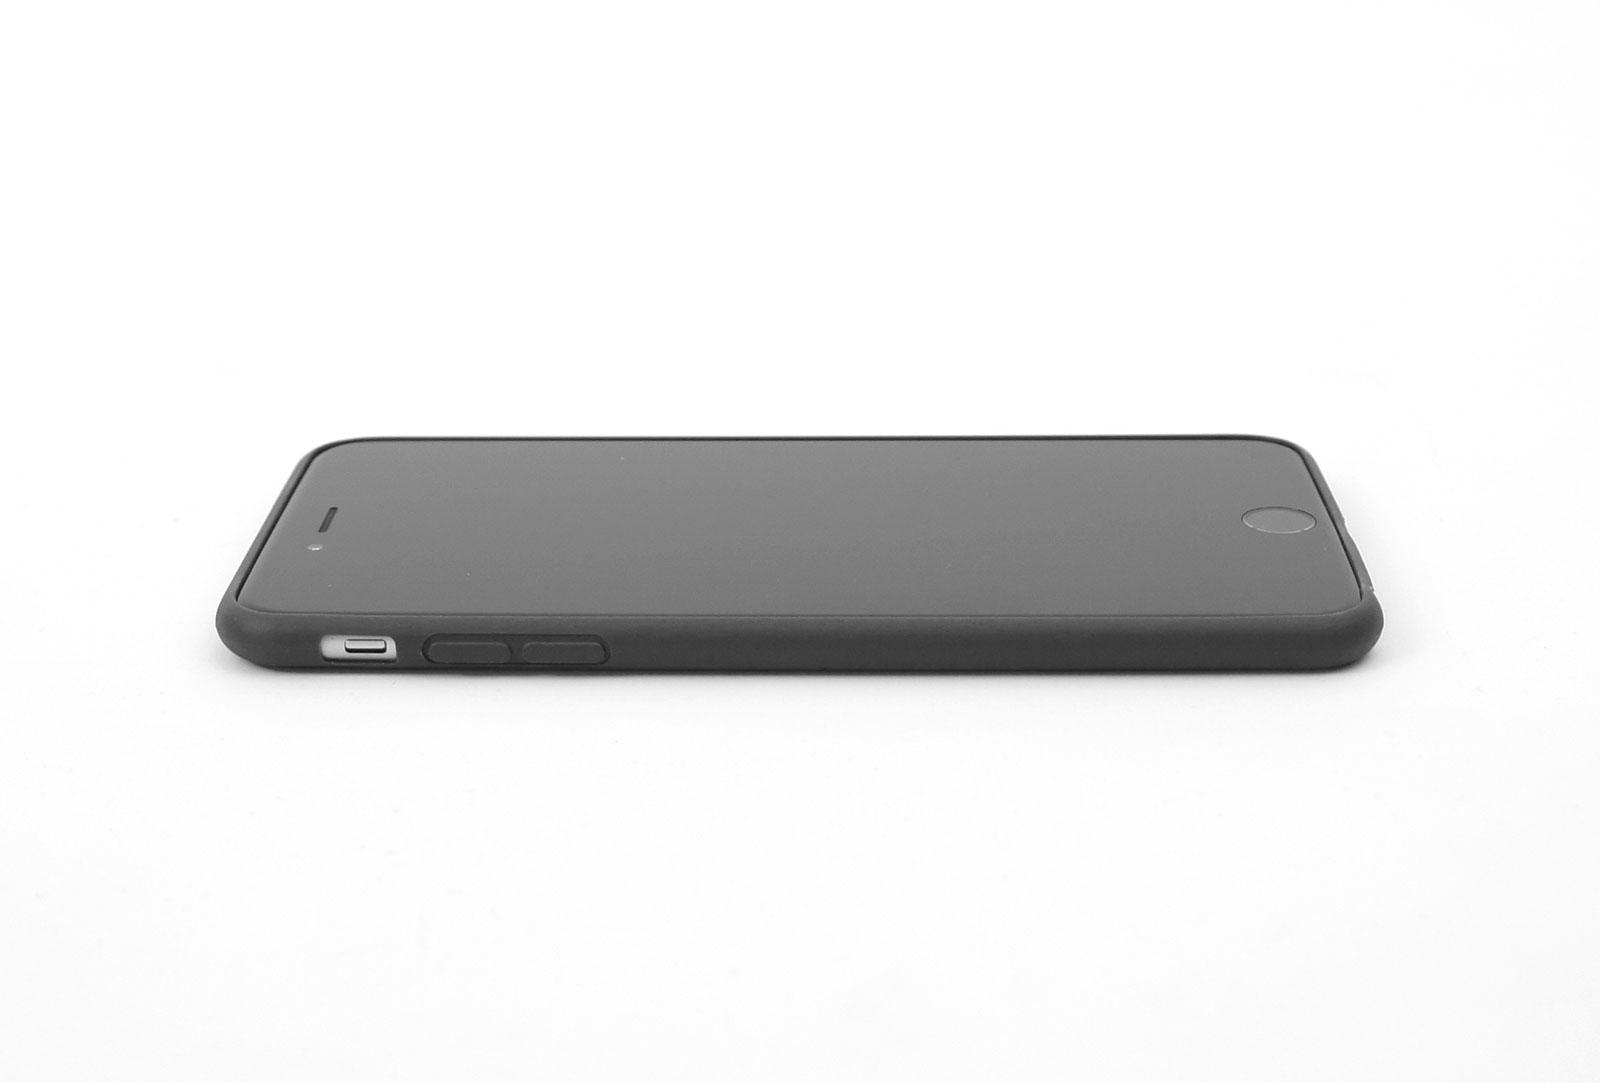 coque iphone 6 plus silicone noire